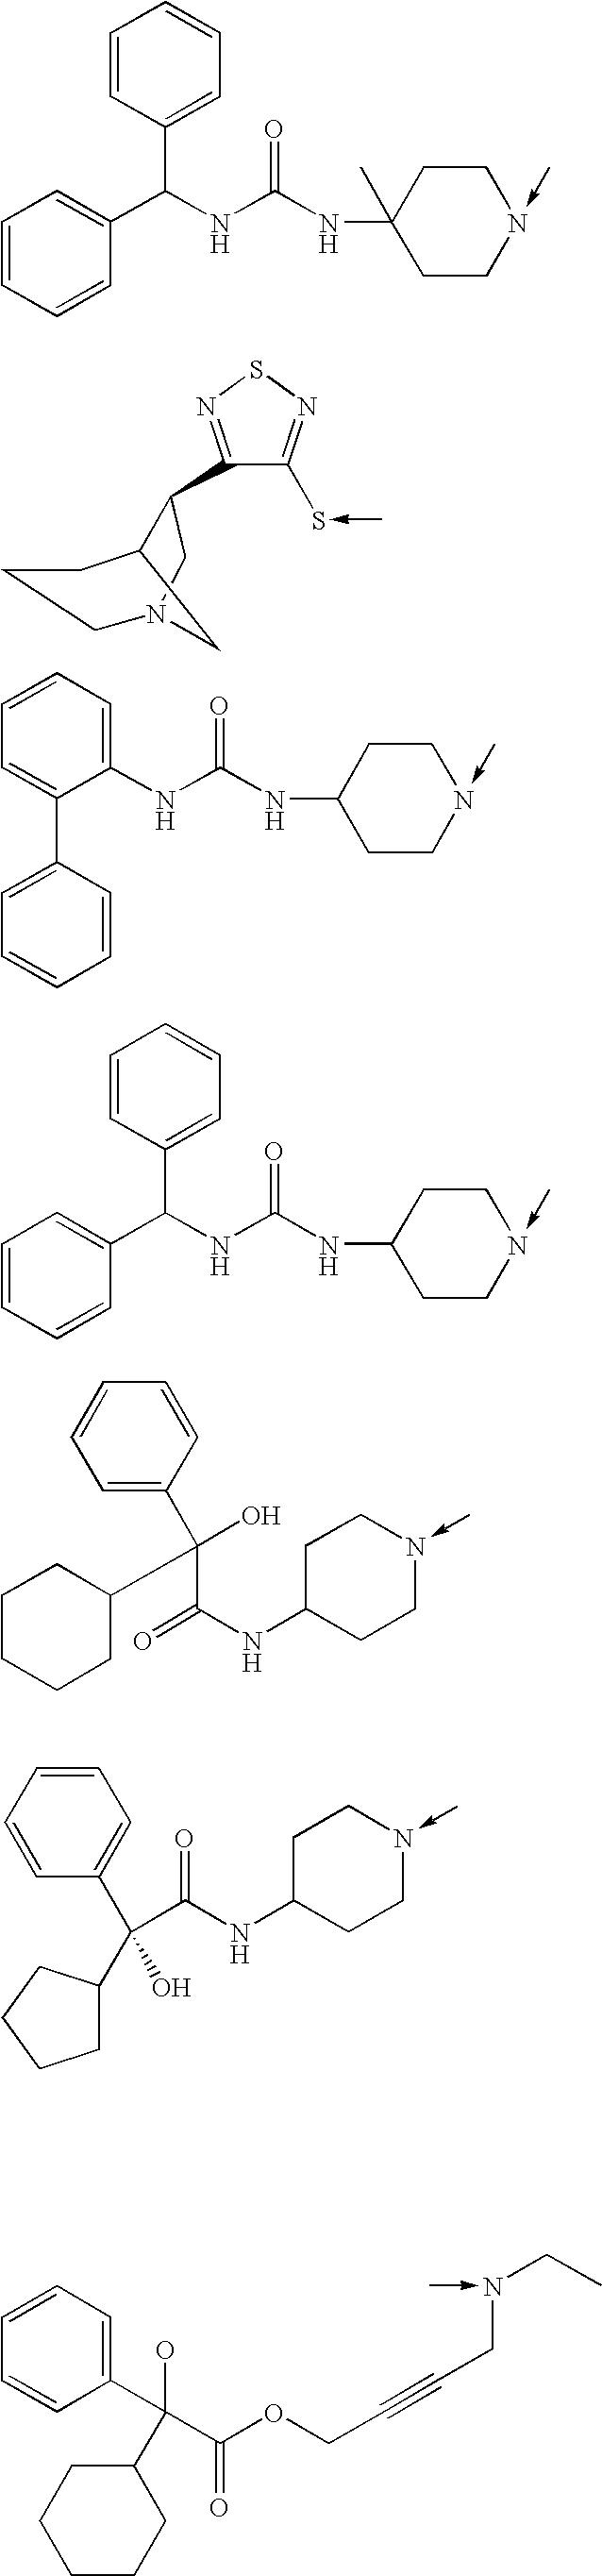 Figure US06693202-20040217-C00039